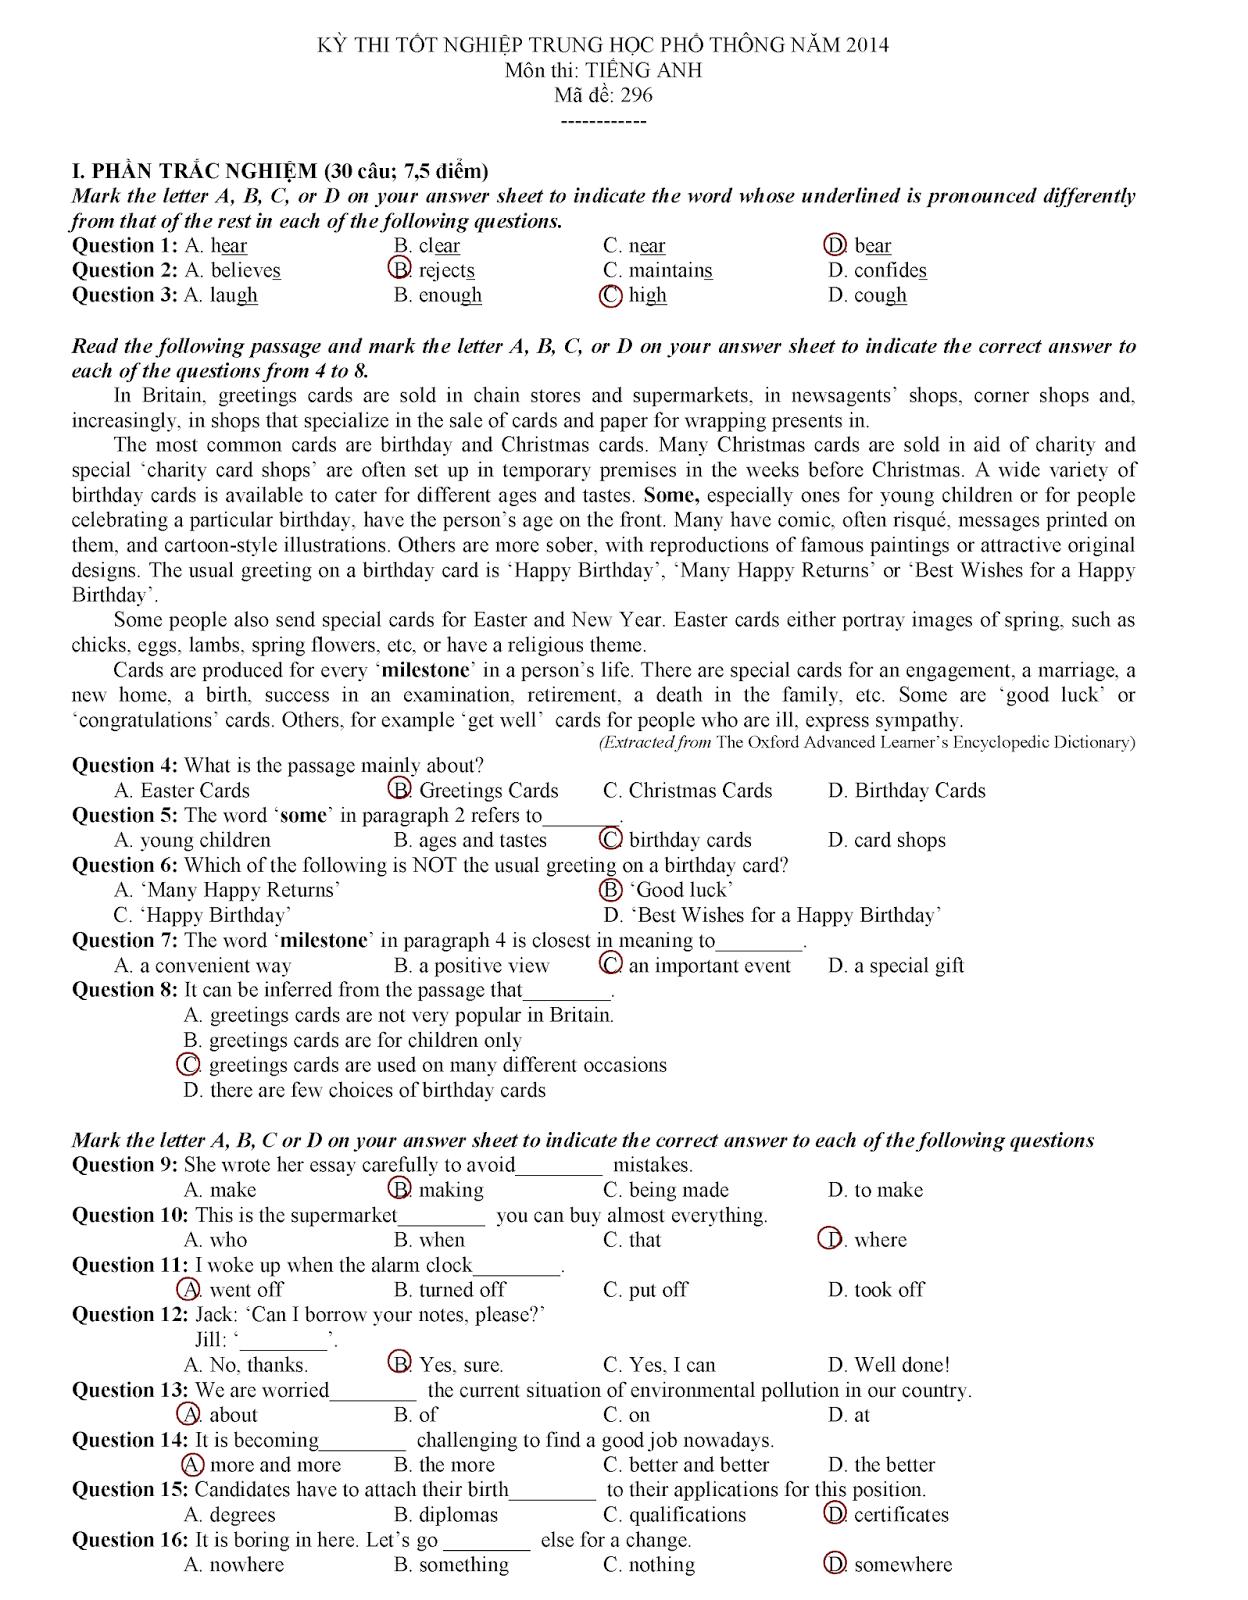 Đề thi tốt nghiệp tiếng Anh 2014, trang 1